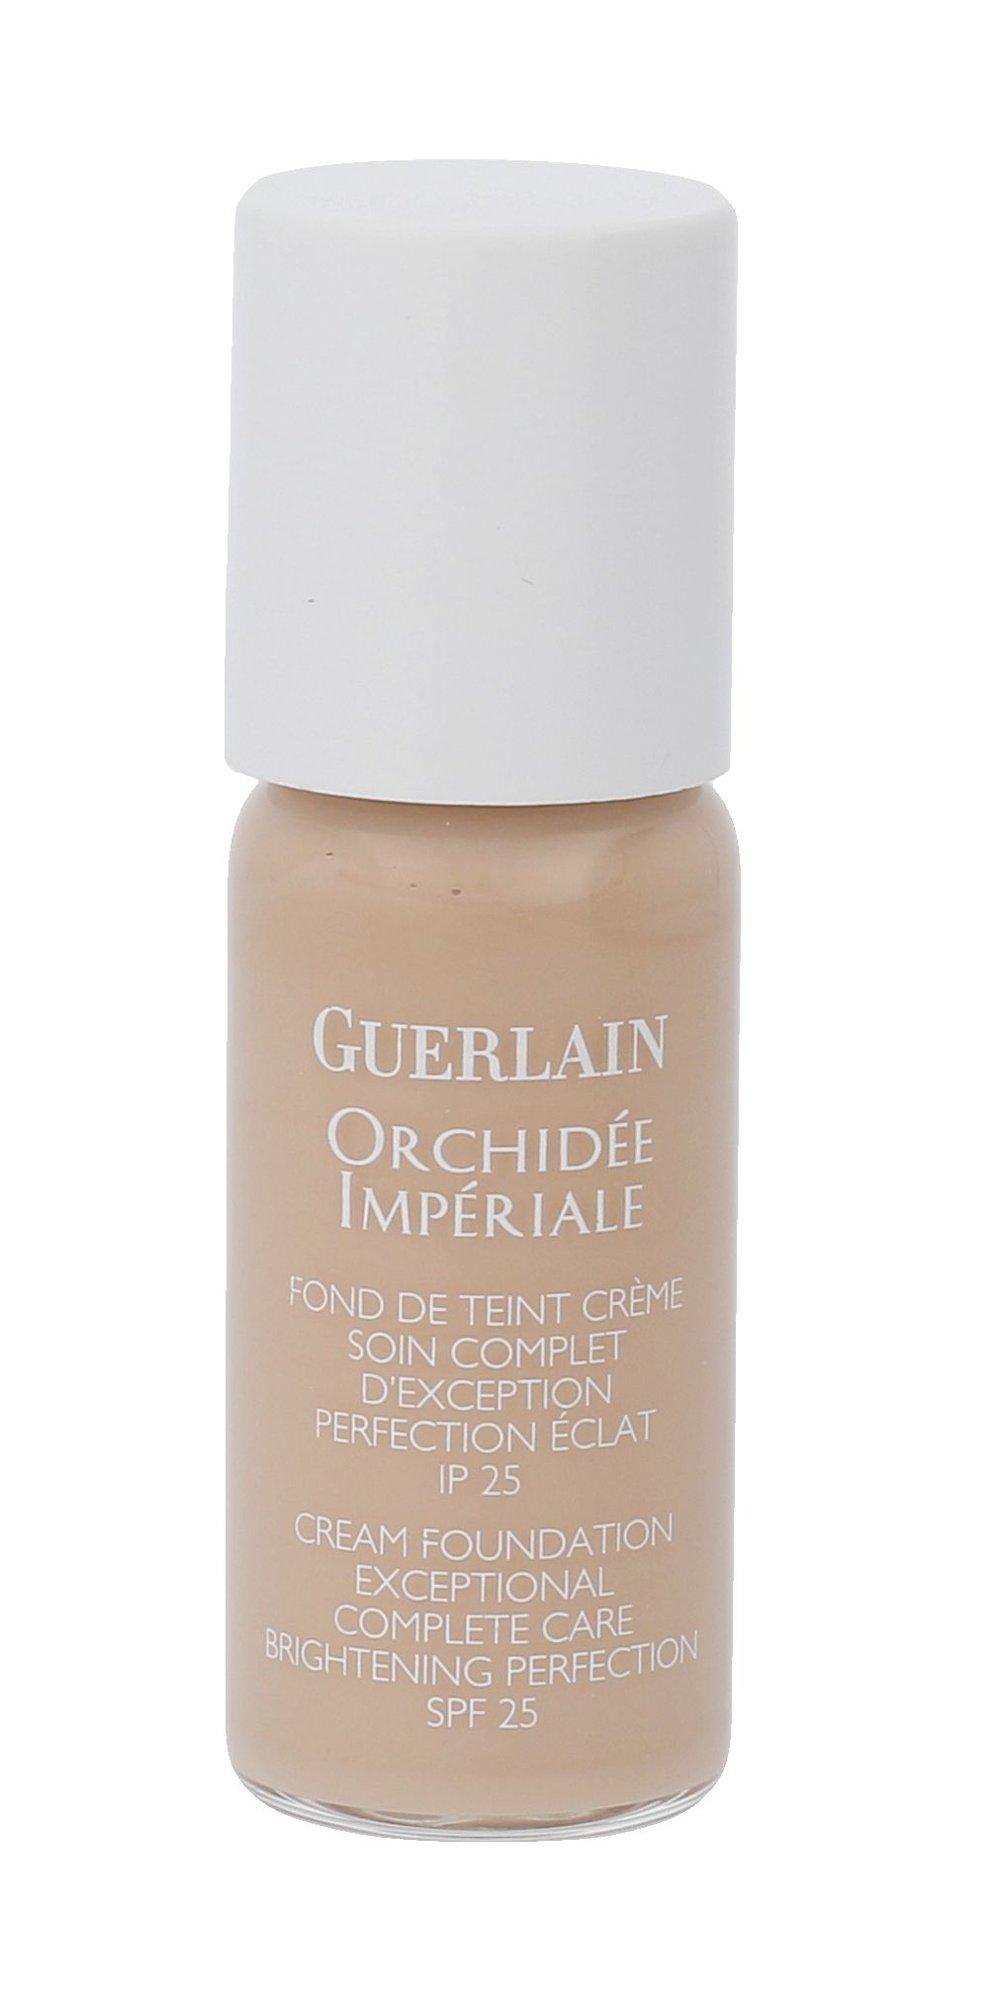 Guerlain Orchidée Impériale Cosmetic 10ml 02 Beige Clair